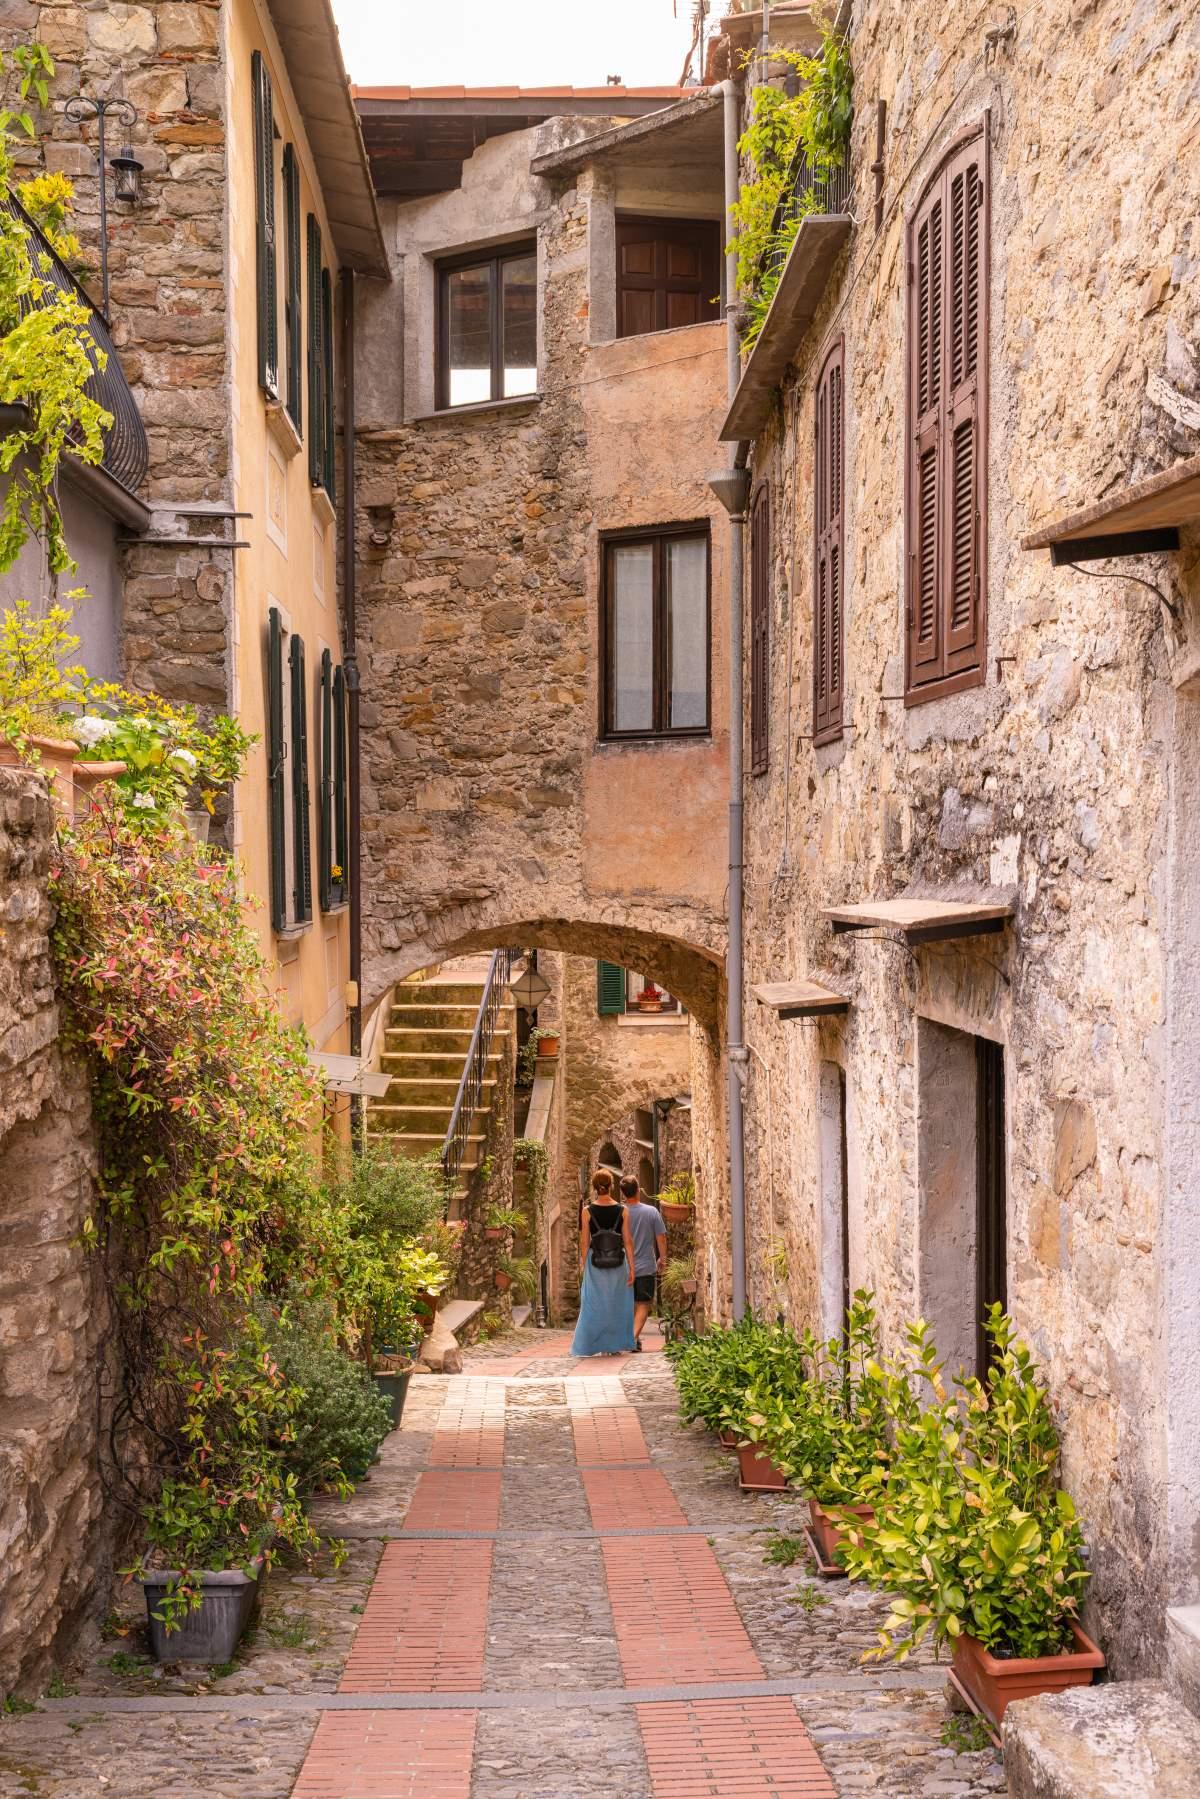 Δρομάκι στο Dolceacqua μεσαιωνικό χωριό, δυτική Λιγουρία, Ιταλία